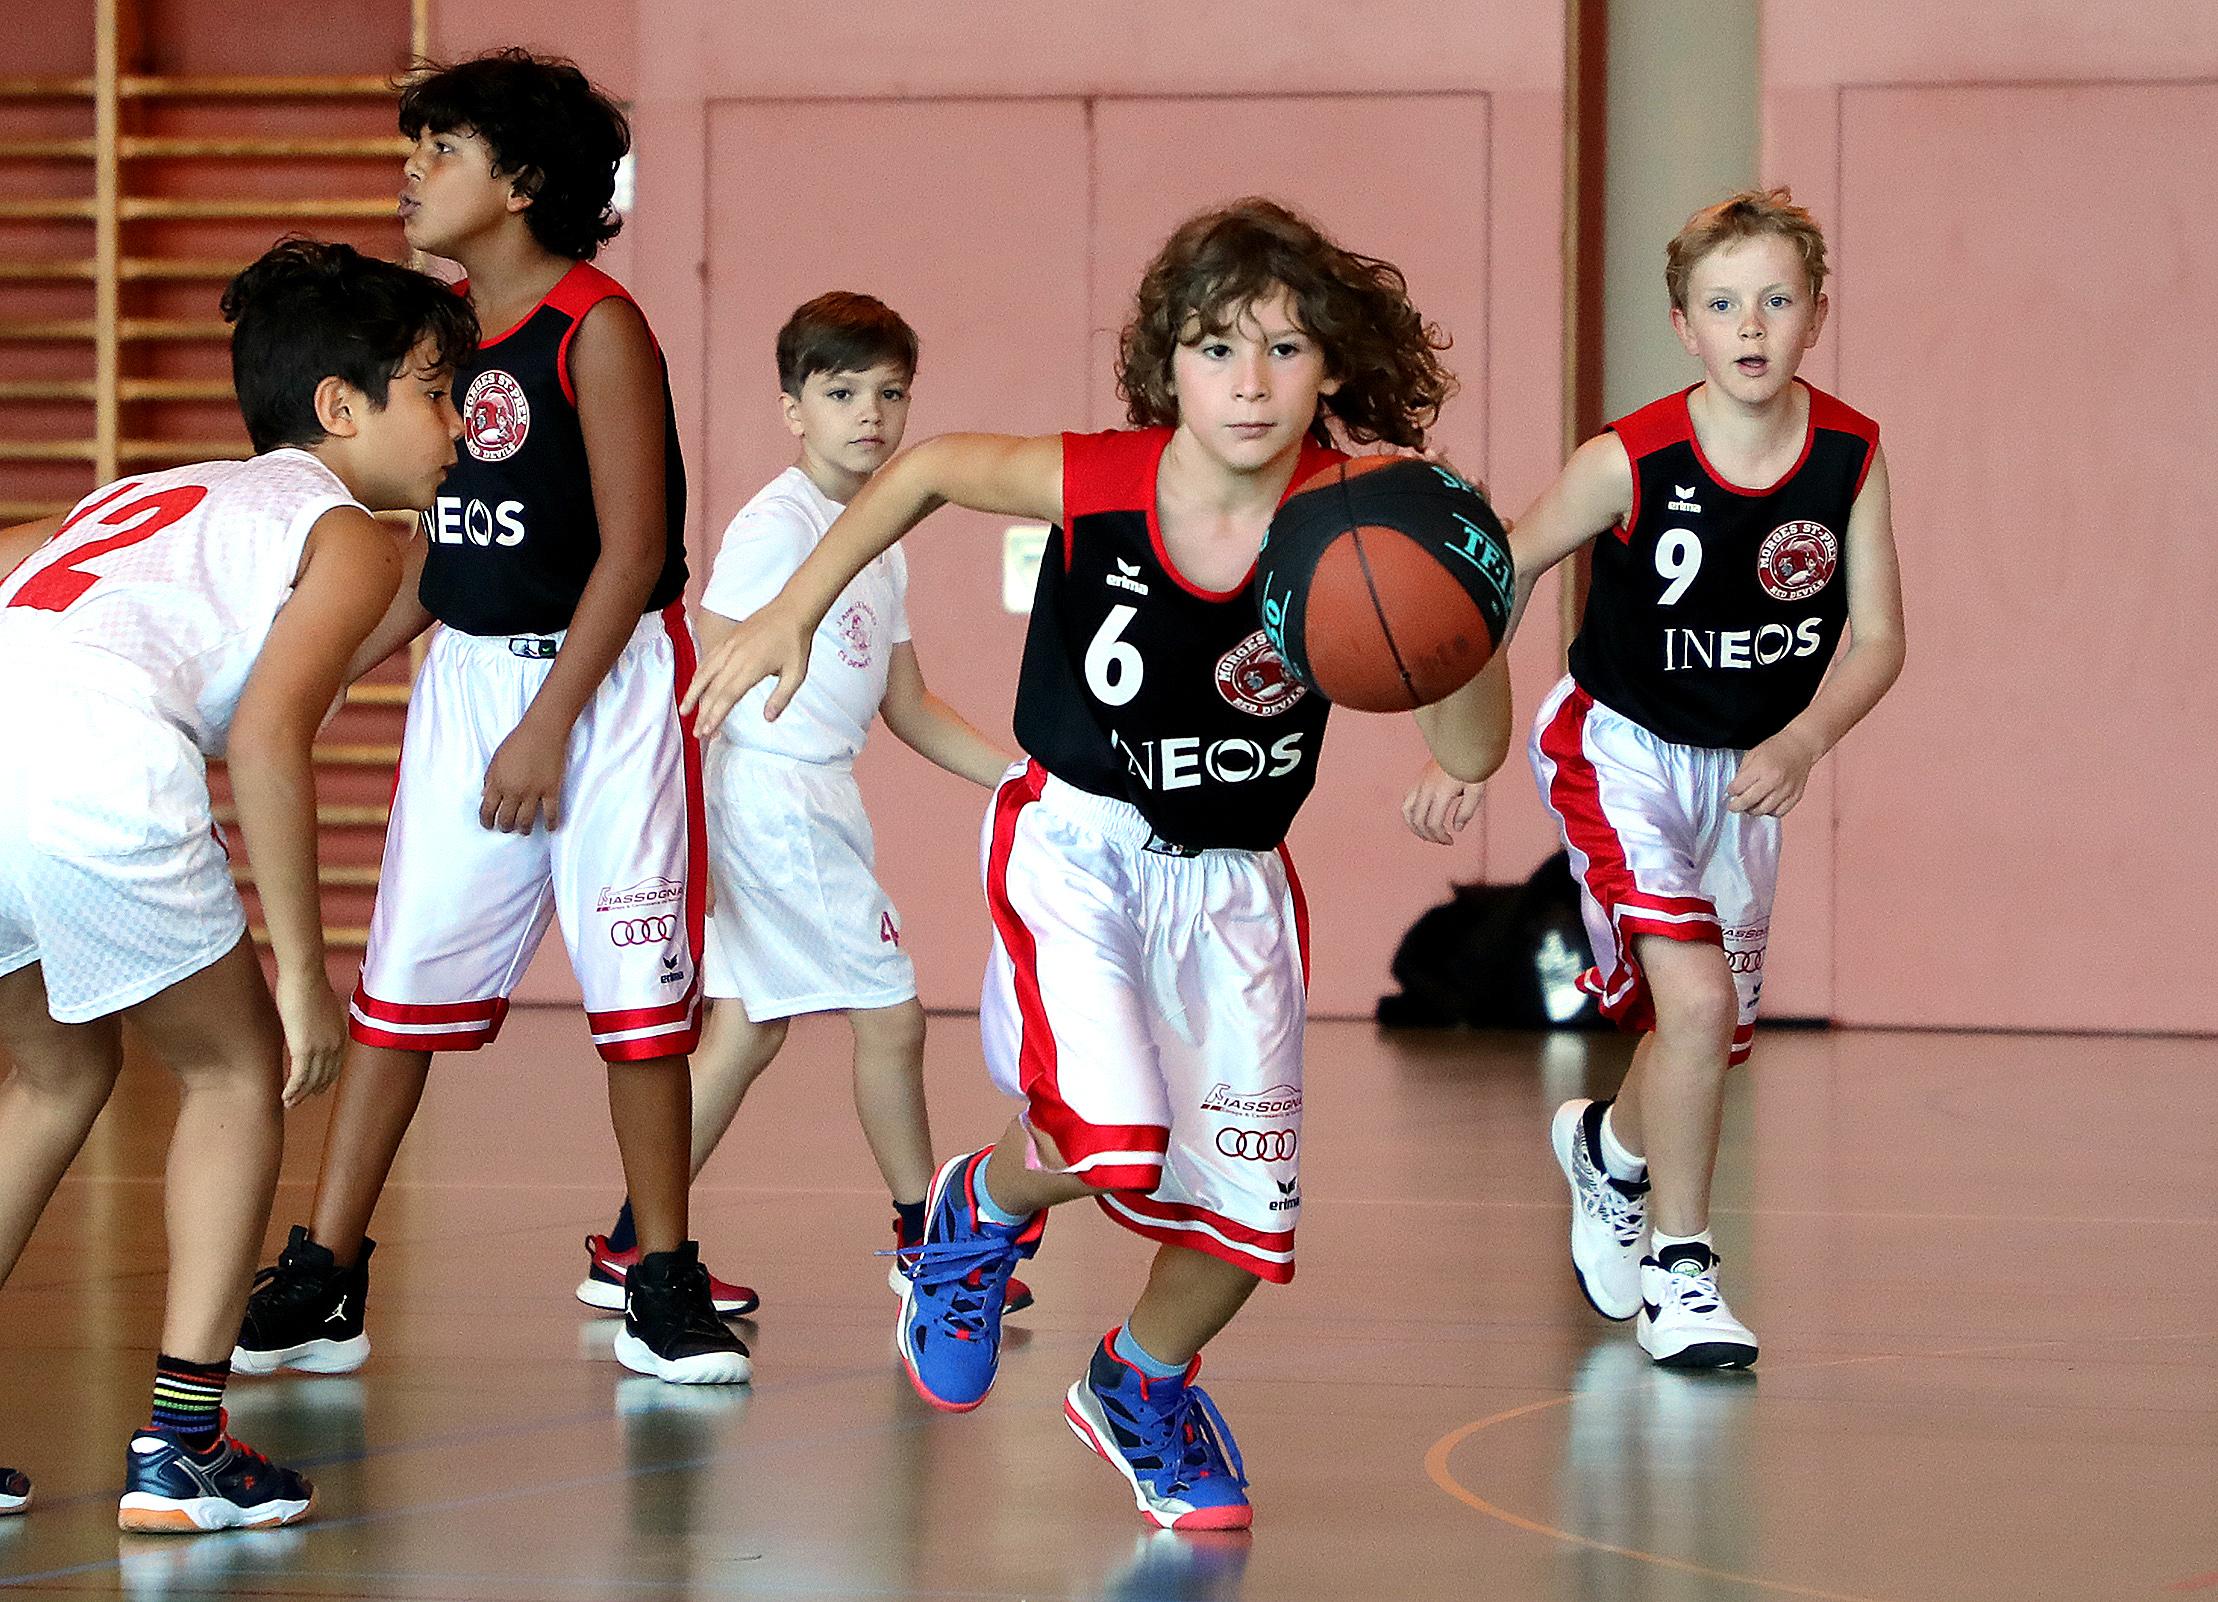 Les basketteurs de retour sur les parquets